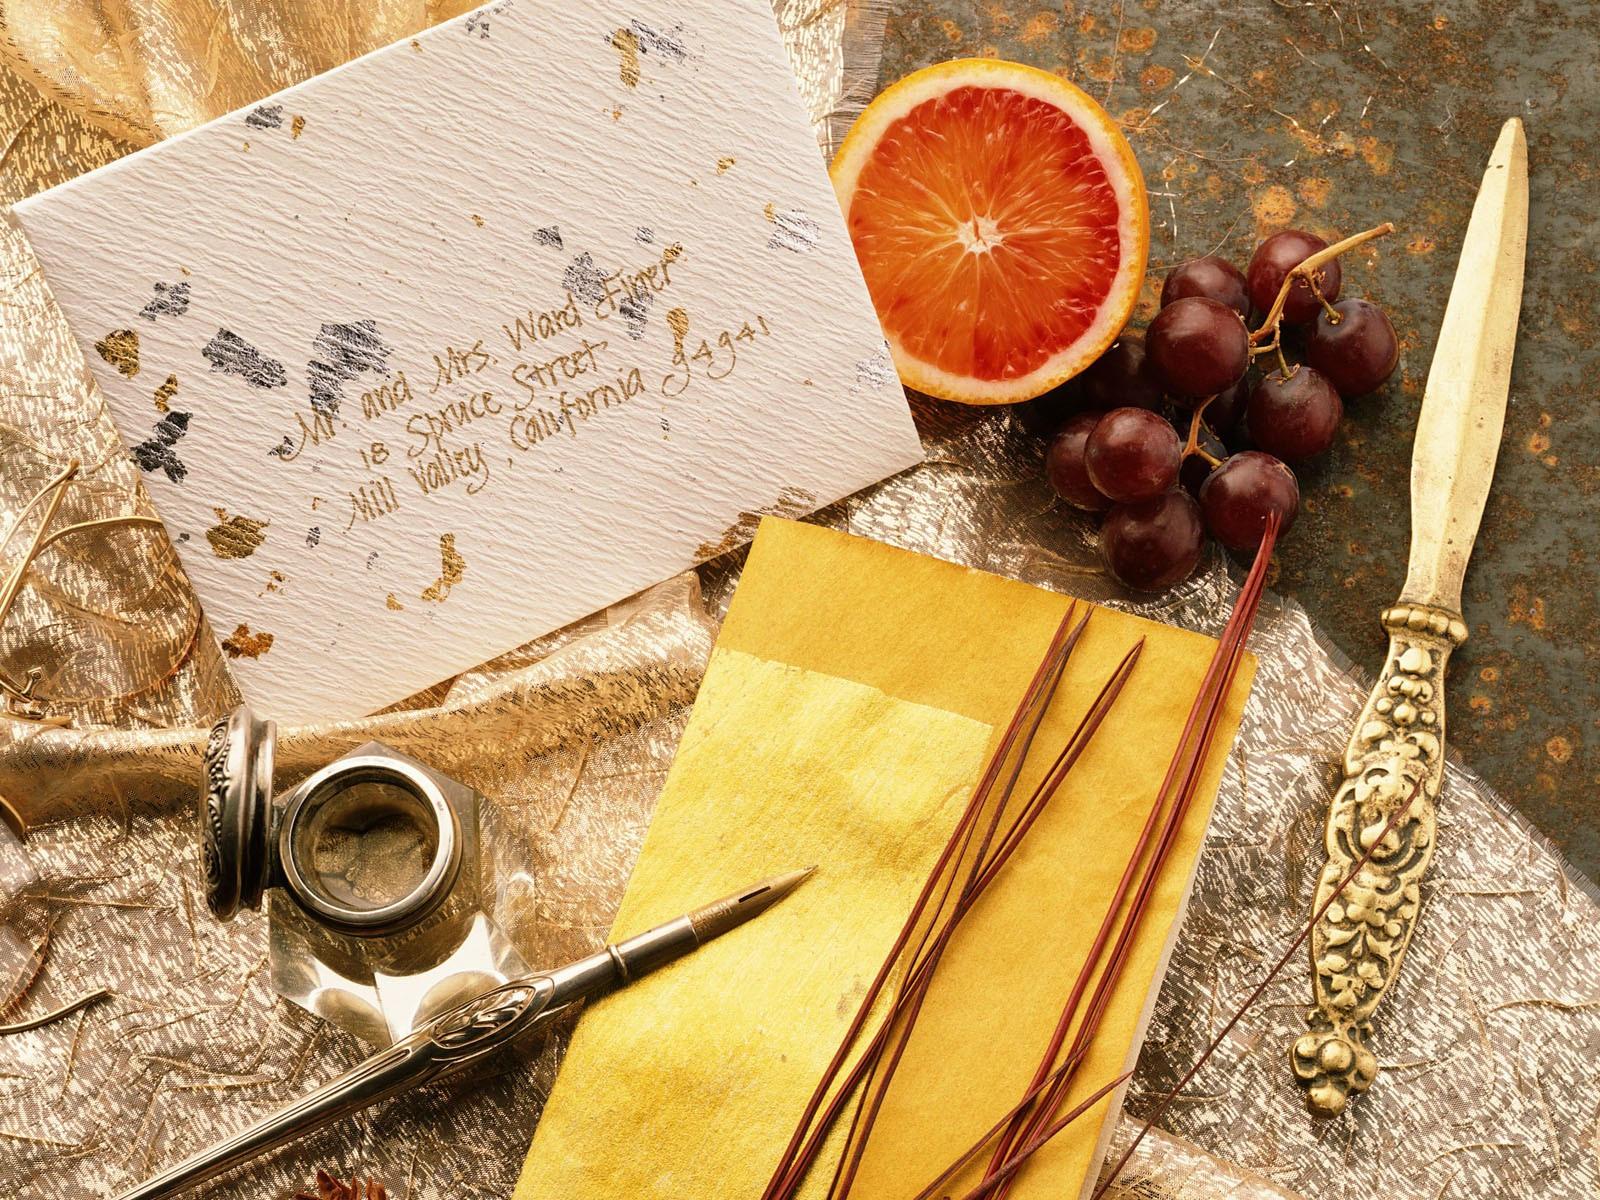 Письмо и фрукты